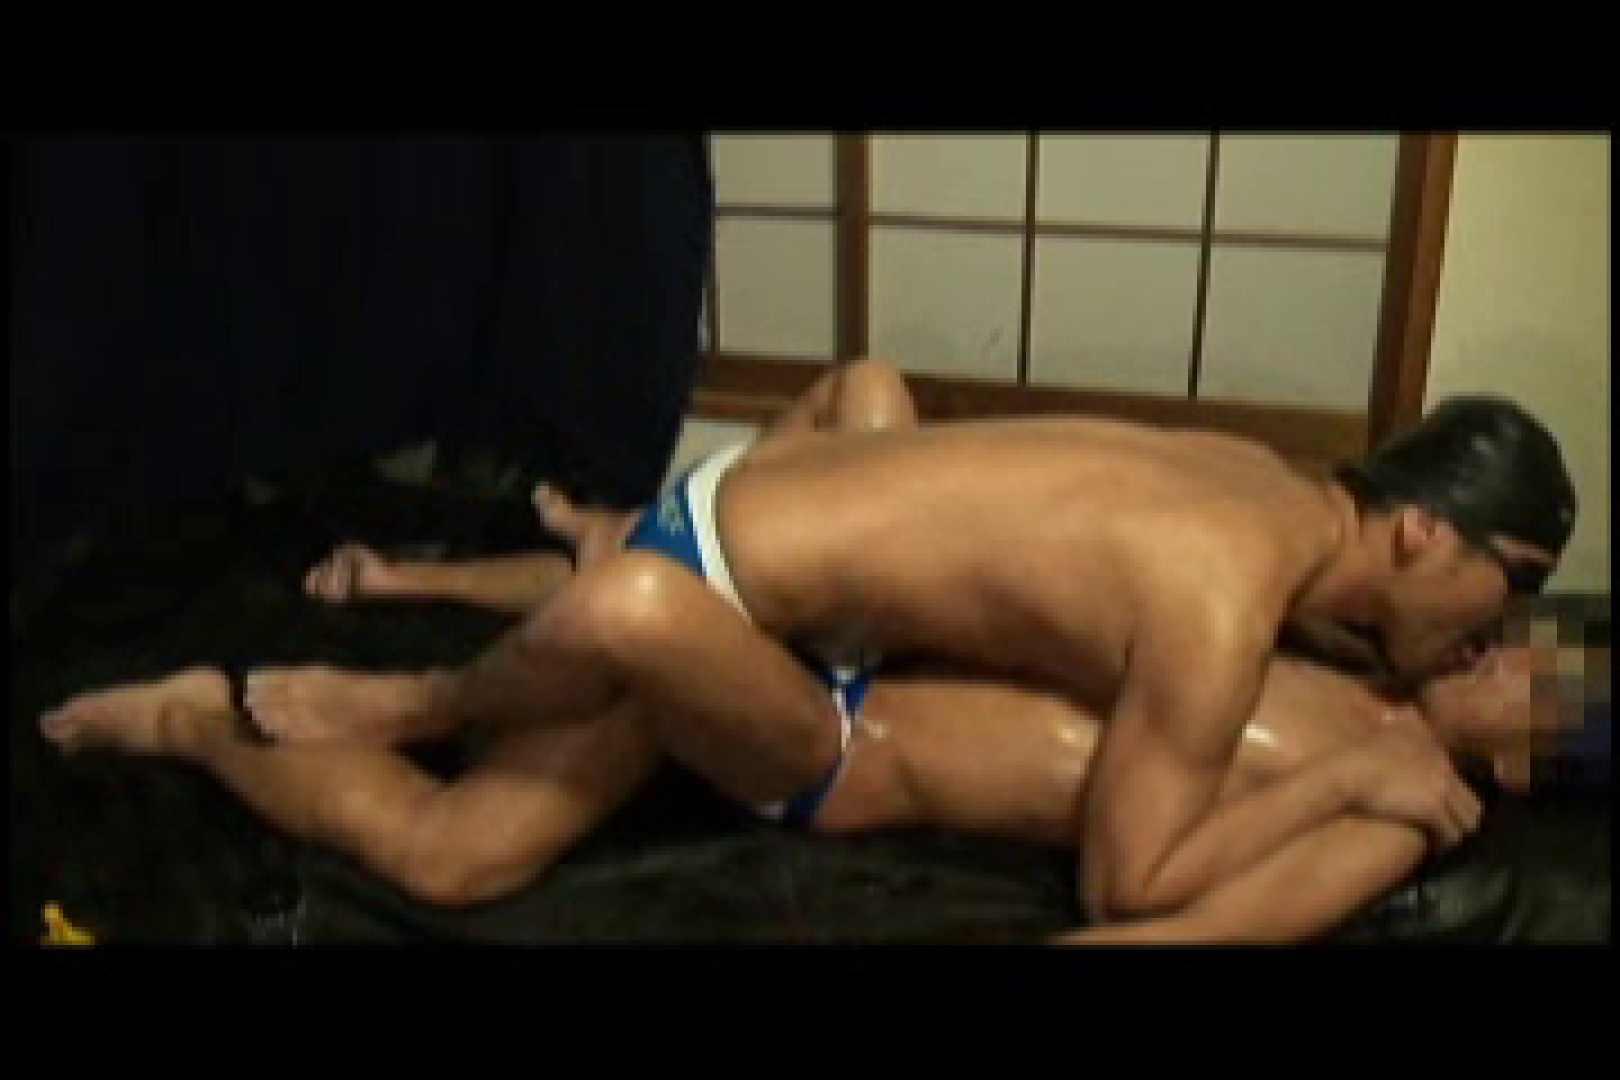 スジ筋ガチムチゴーグルマンvol6 ゴーグルマン ゲイ無修正ビデオ画像 46pic 34